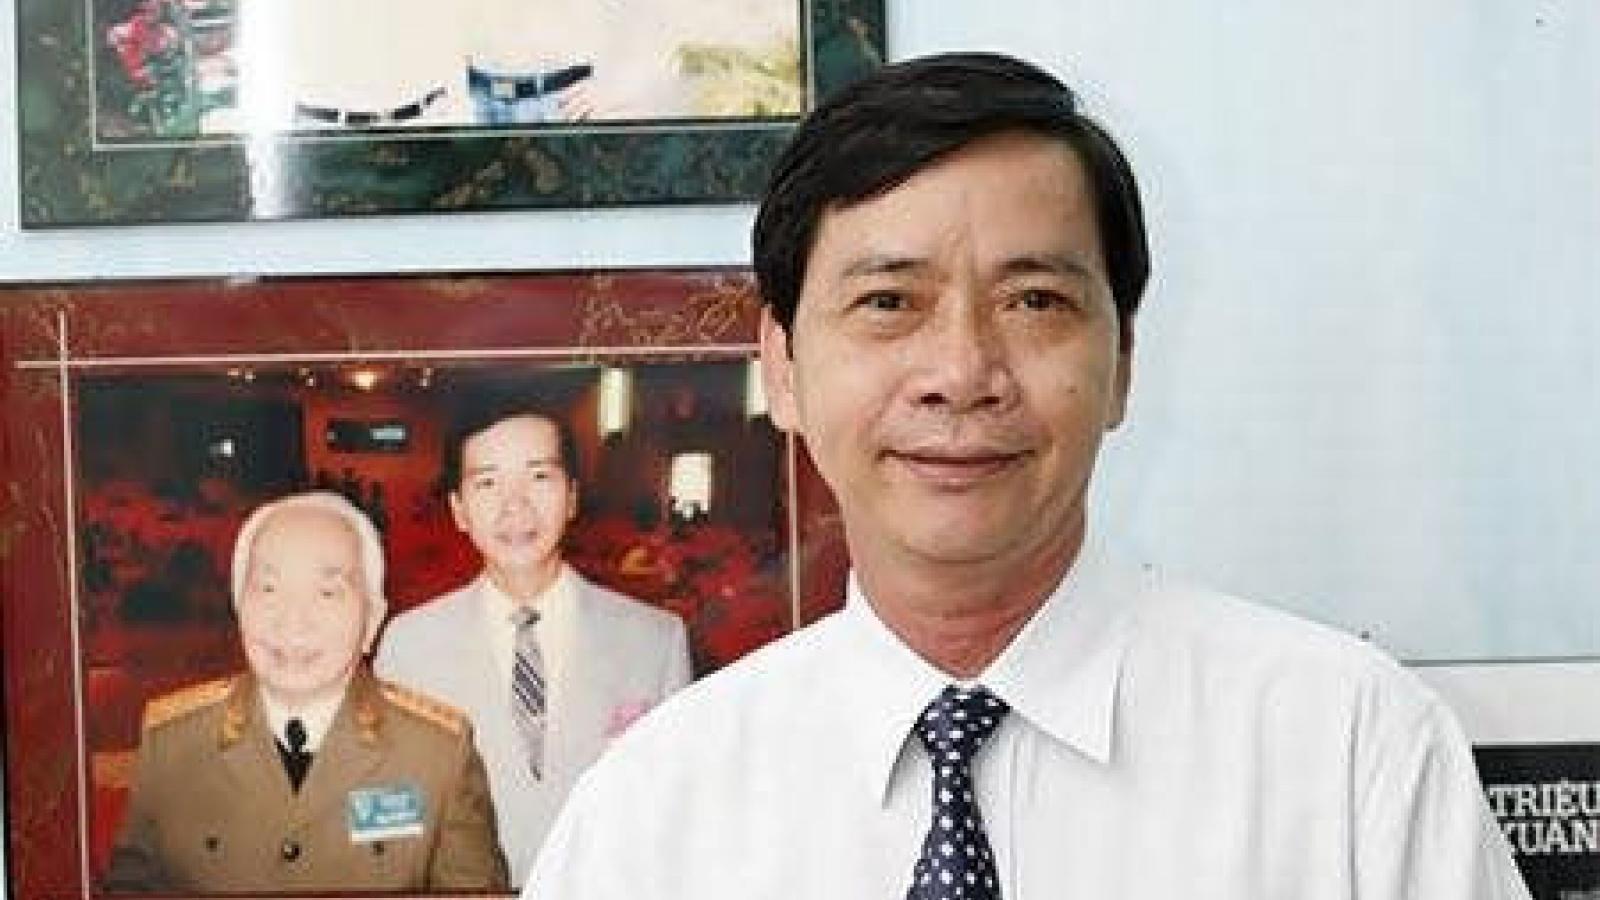 Nhà văn Triệu Xuân qua đời ở tuổi 69